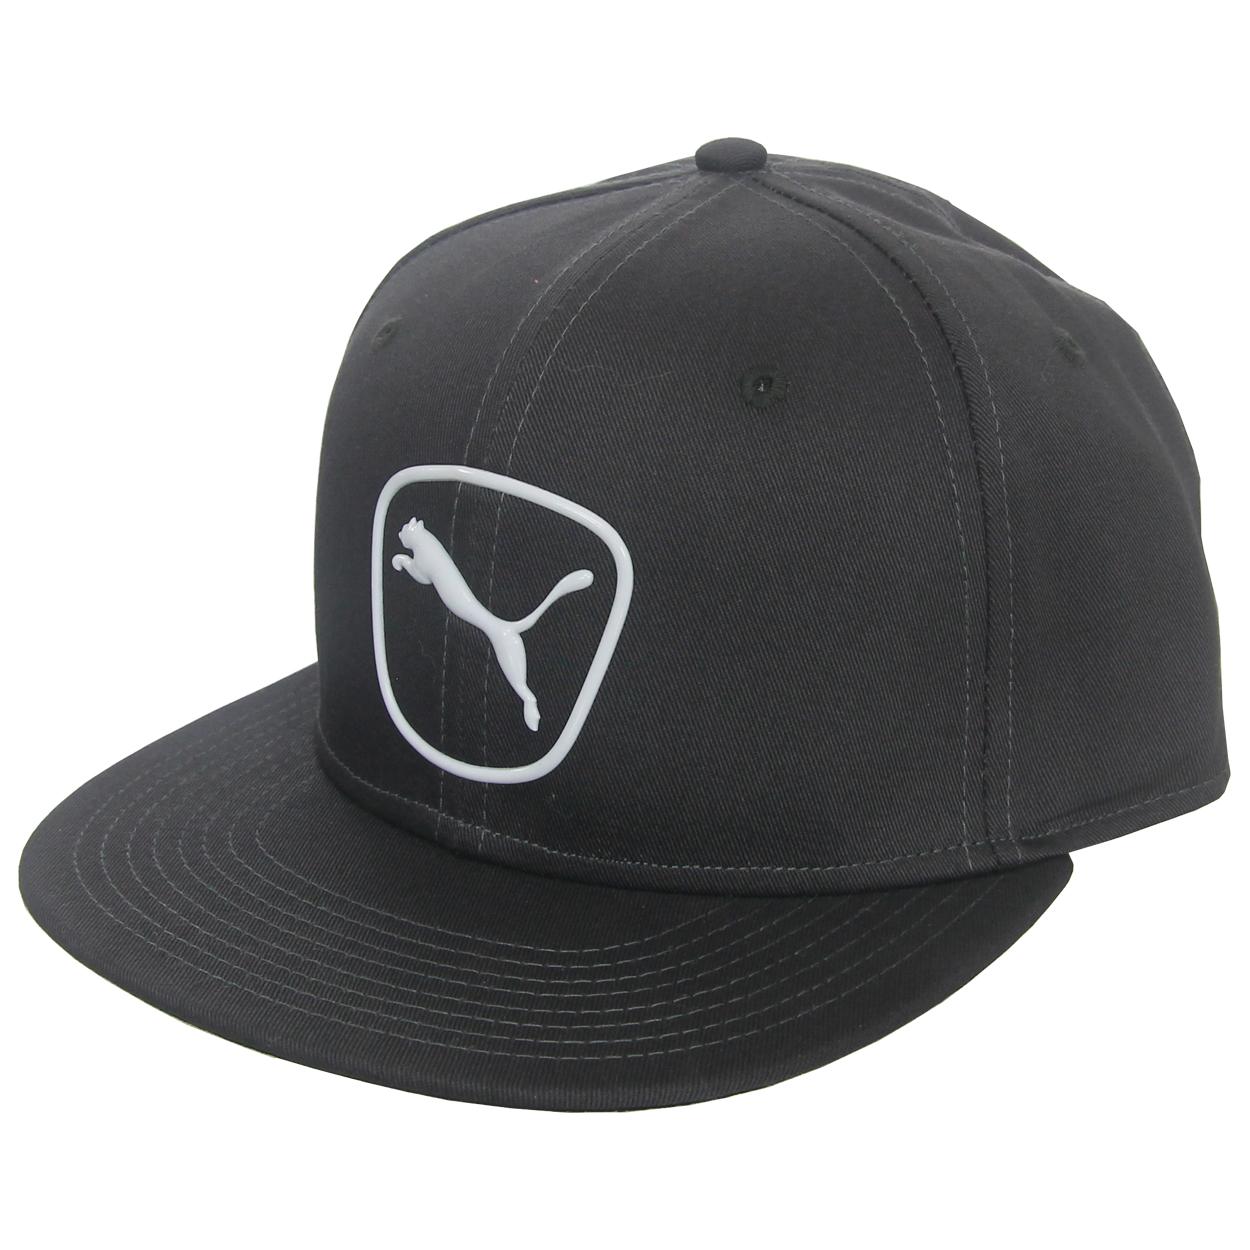 ... Puma Cat Patch 2.0 Flatbill Men s Adjustable Hat. Sale.  https   d3d71ba2asa5oz.cloudfront.net 22001014 images pumahat- 5afa46003c3